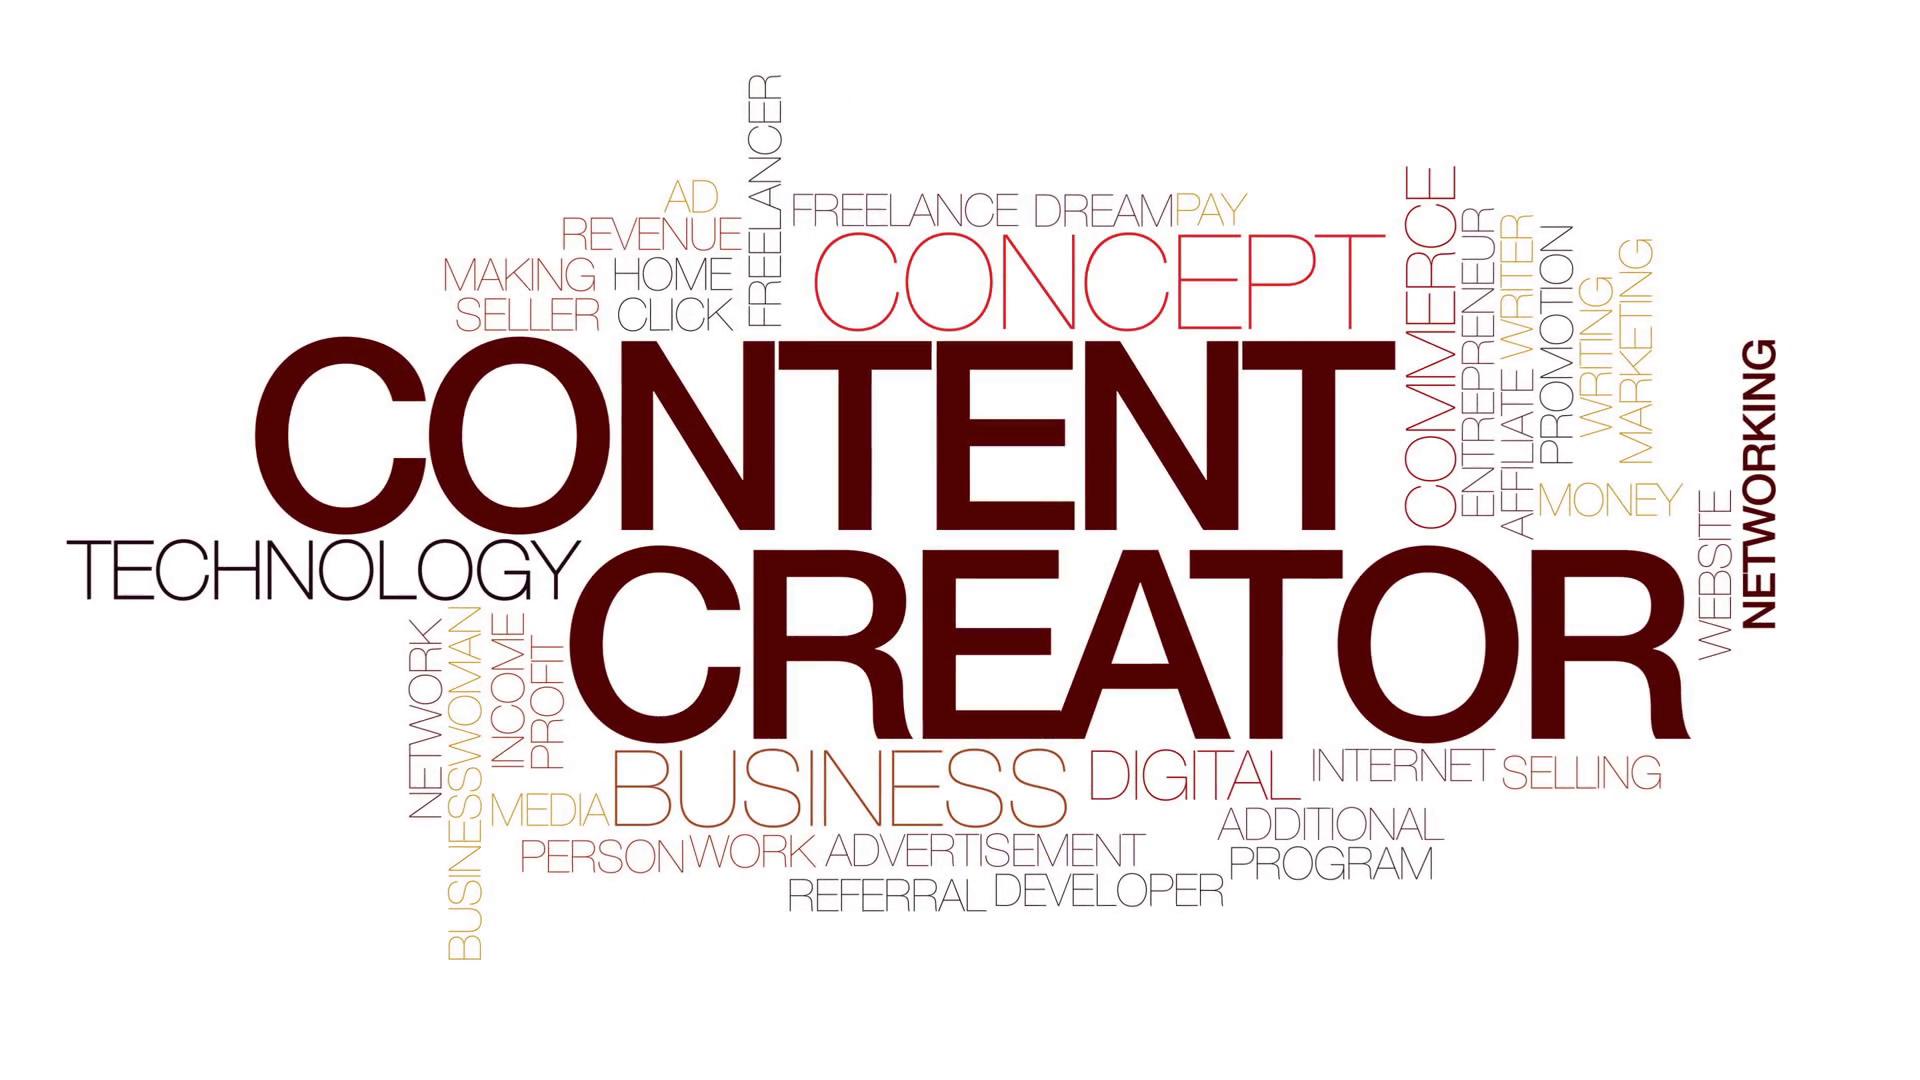 Content Creation là gì?